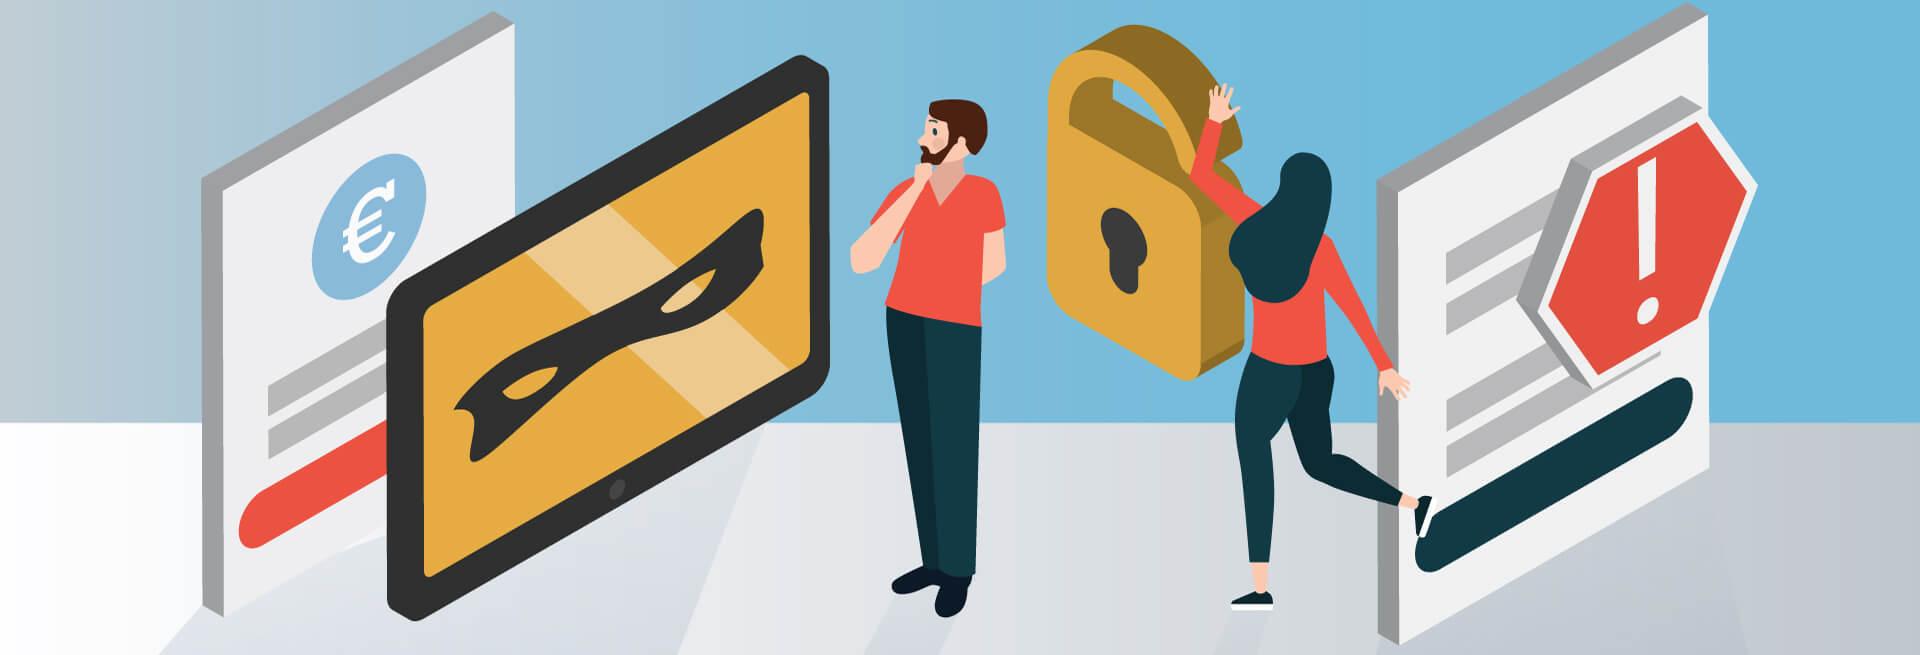 digital and programmatic ad fraud